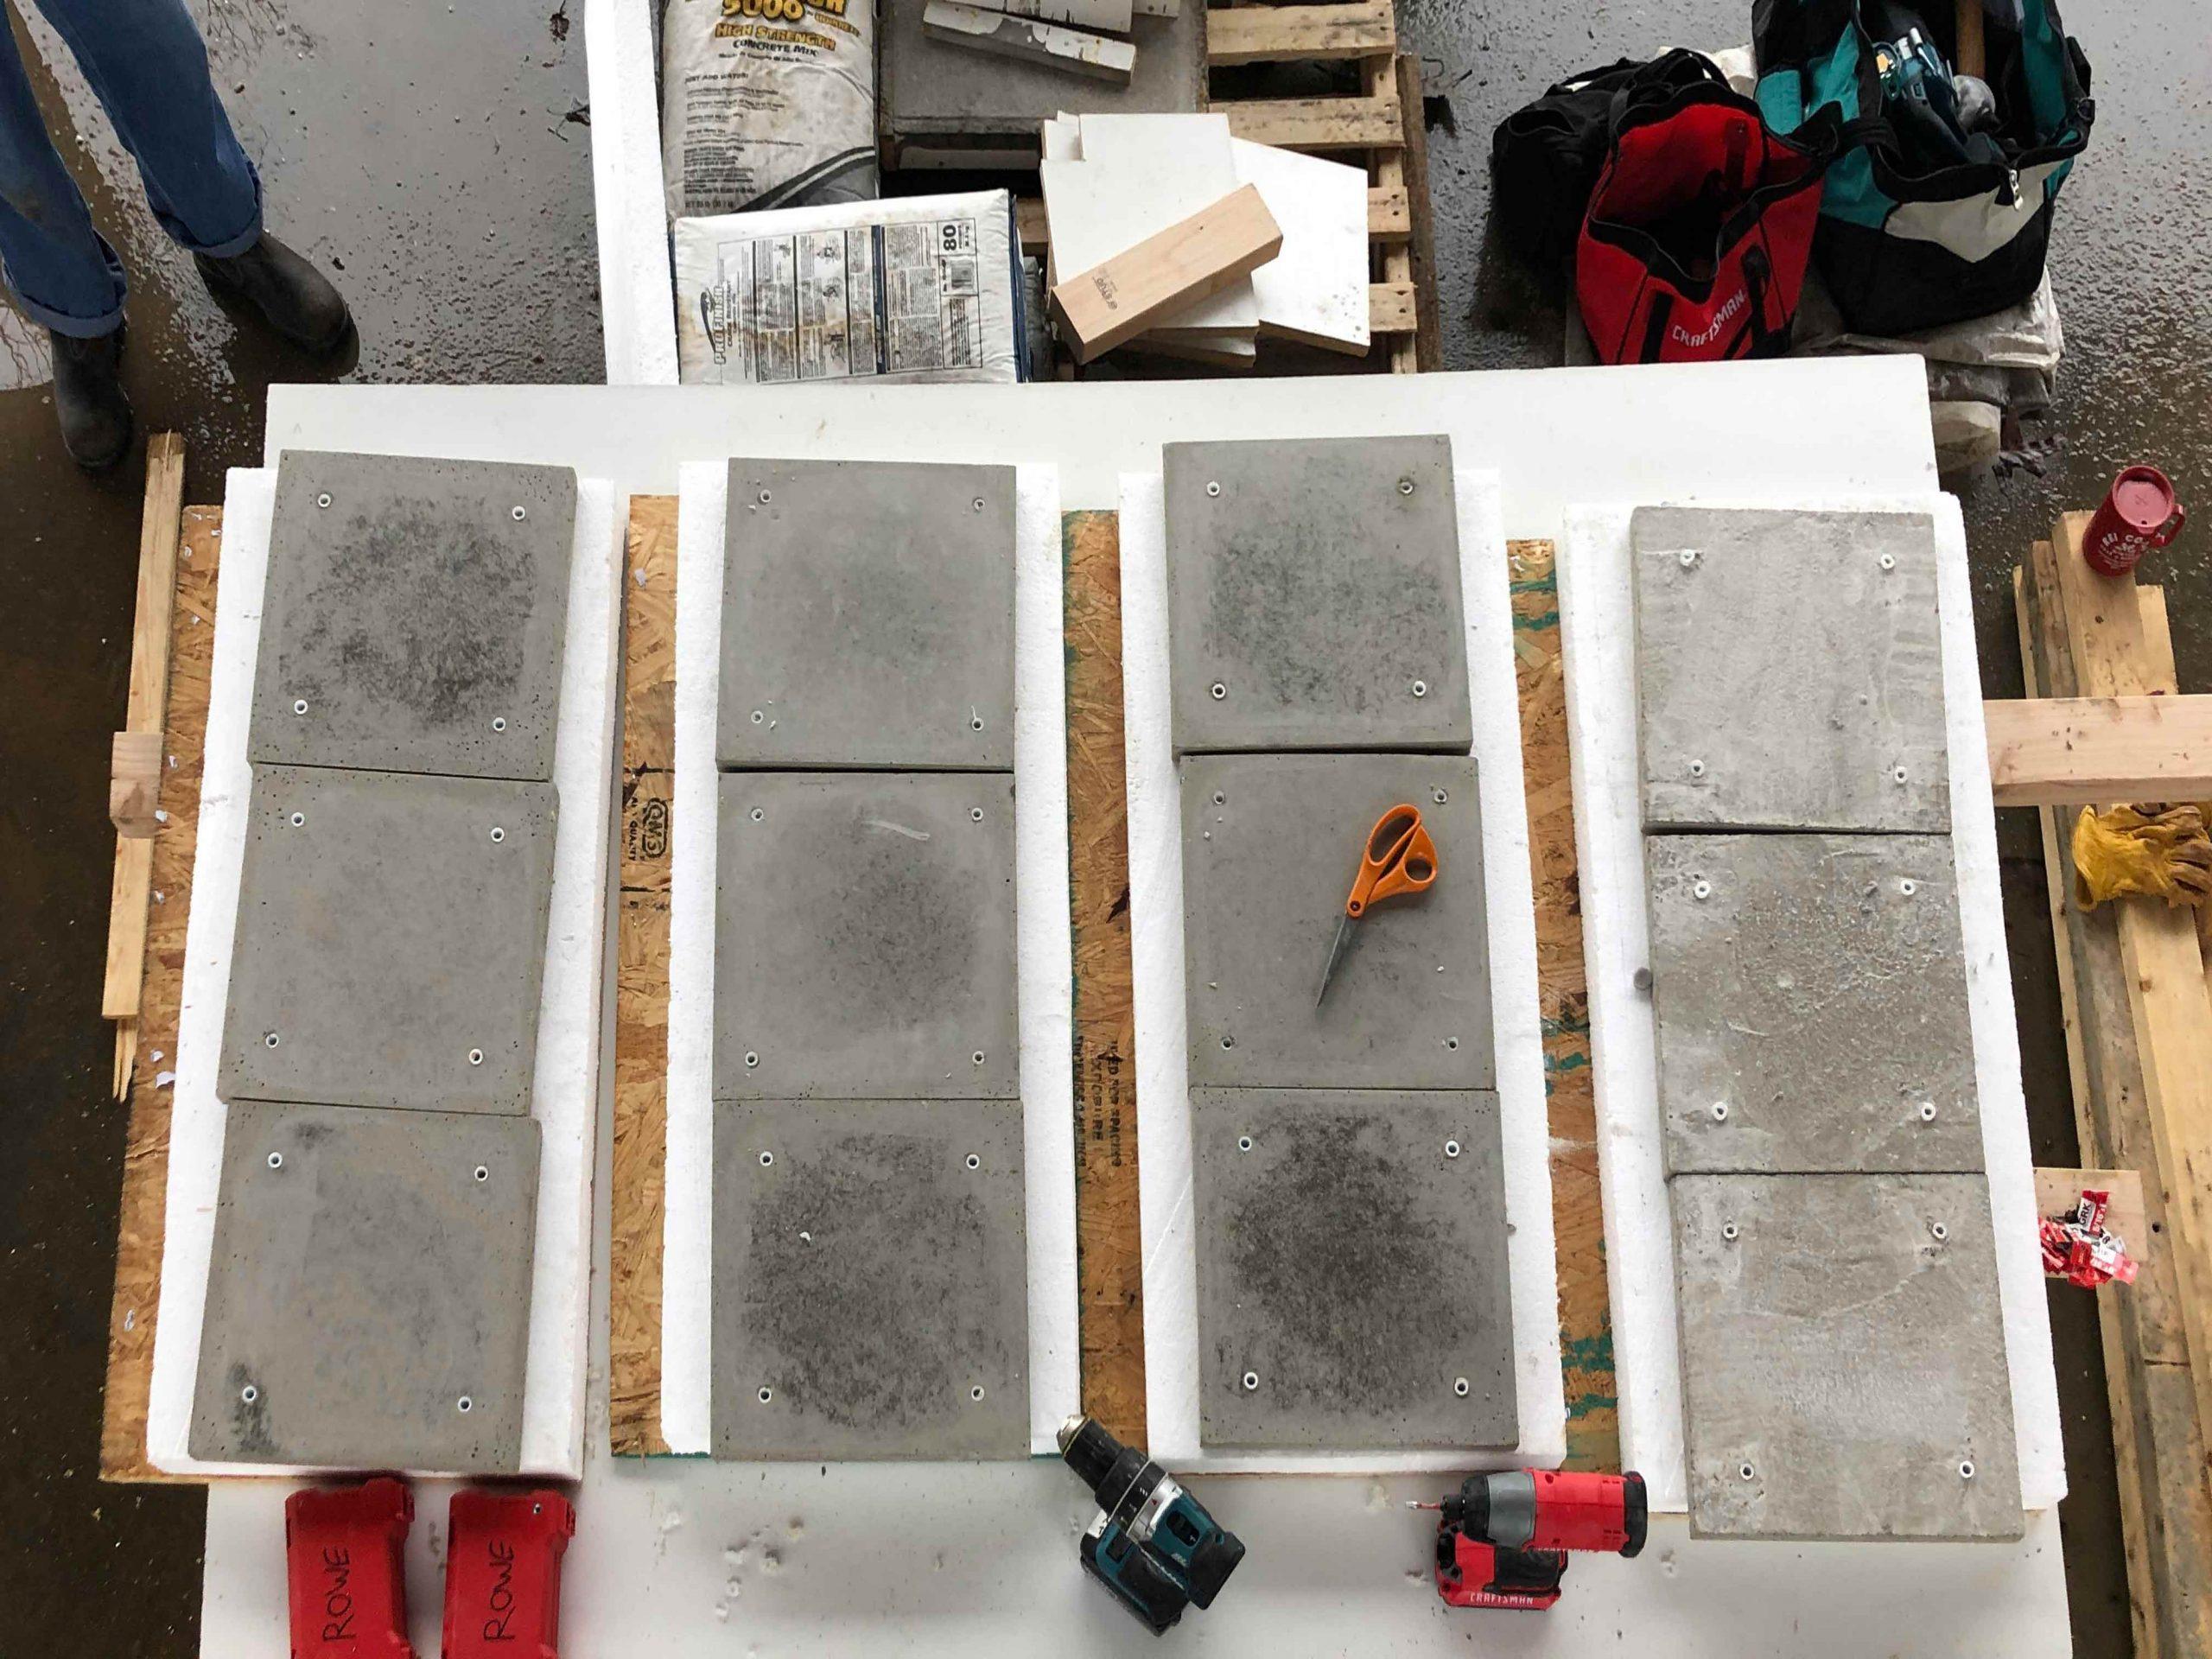 12 1' x 1' concrete panels